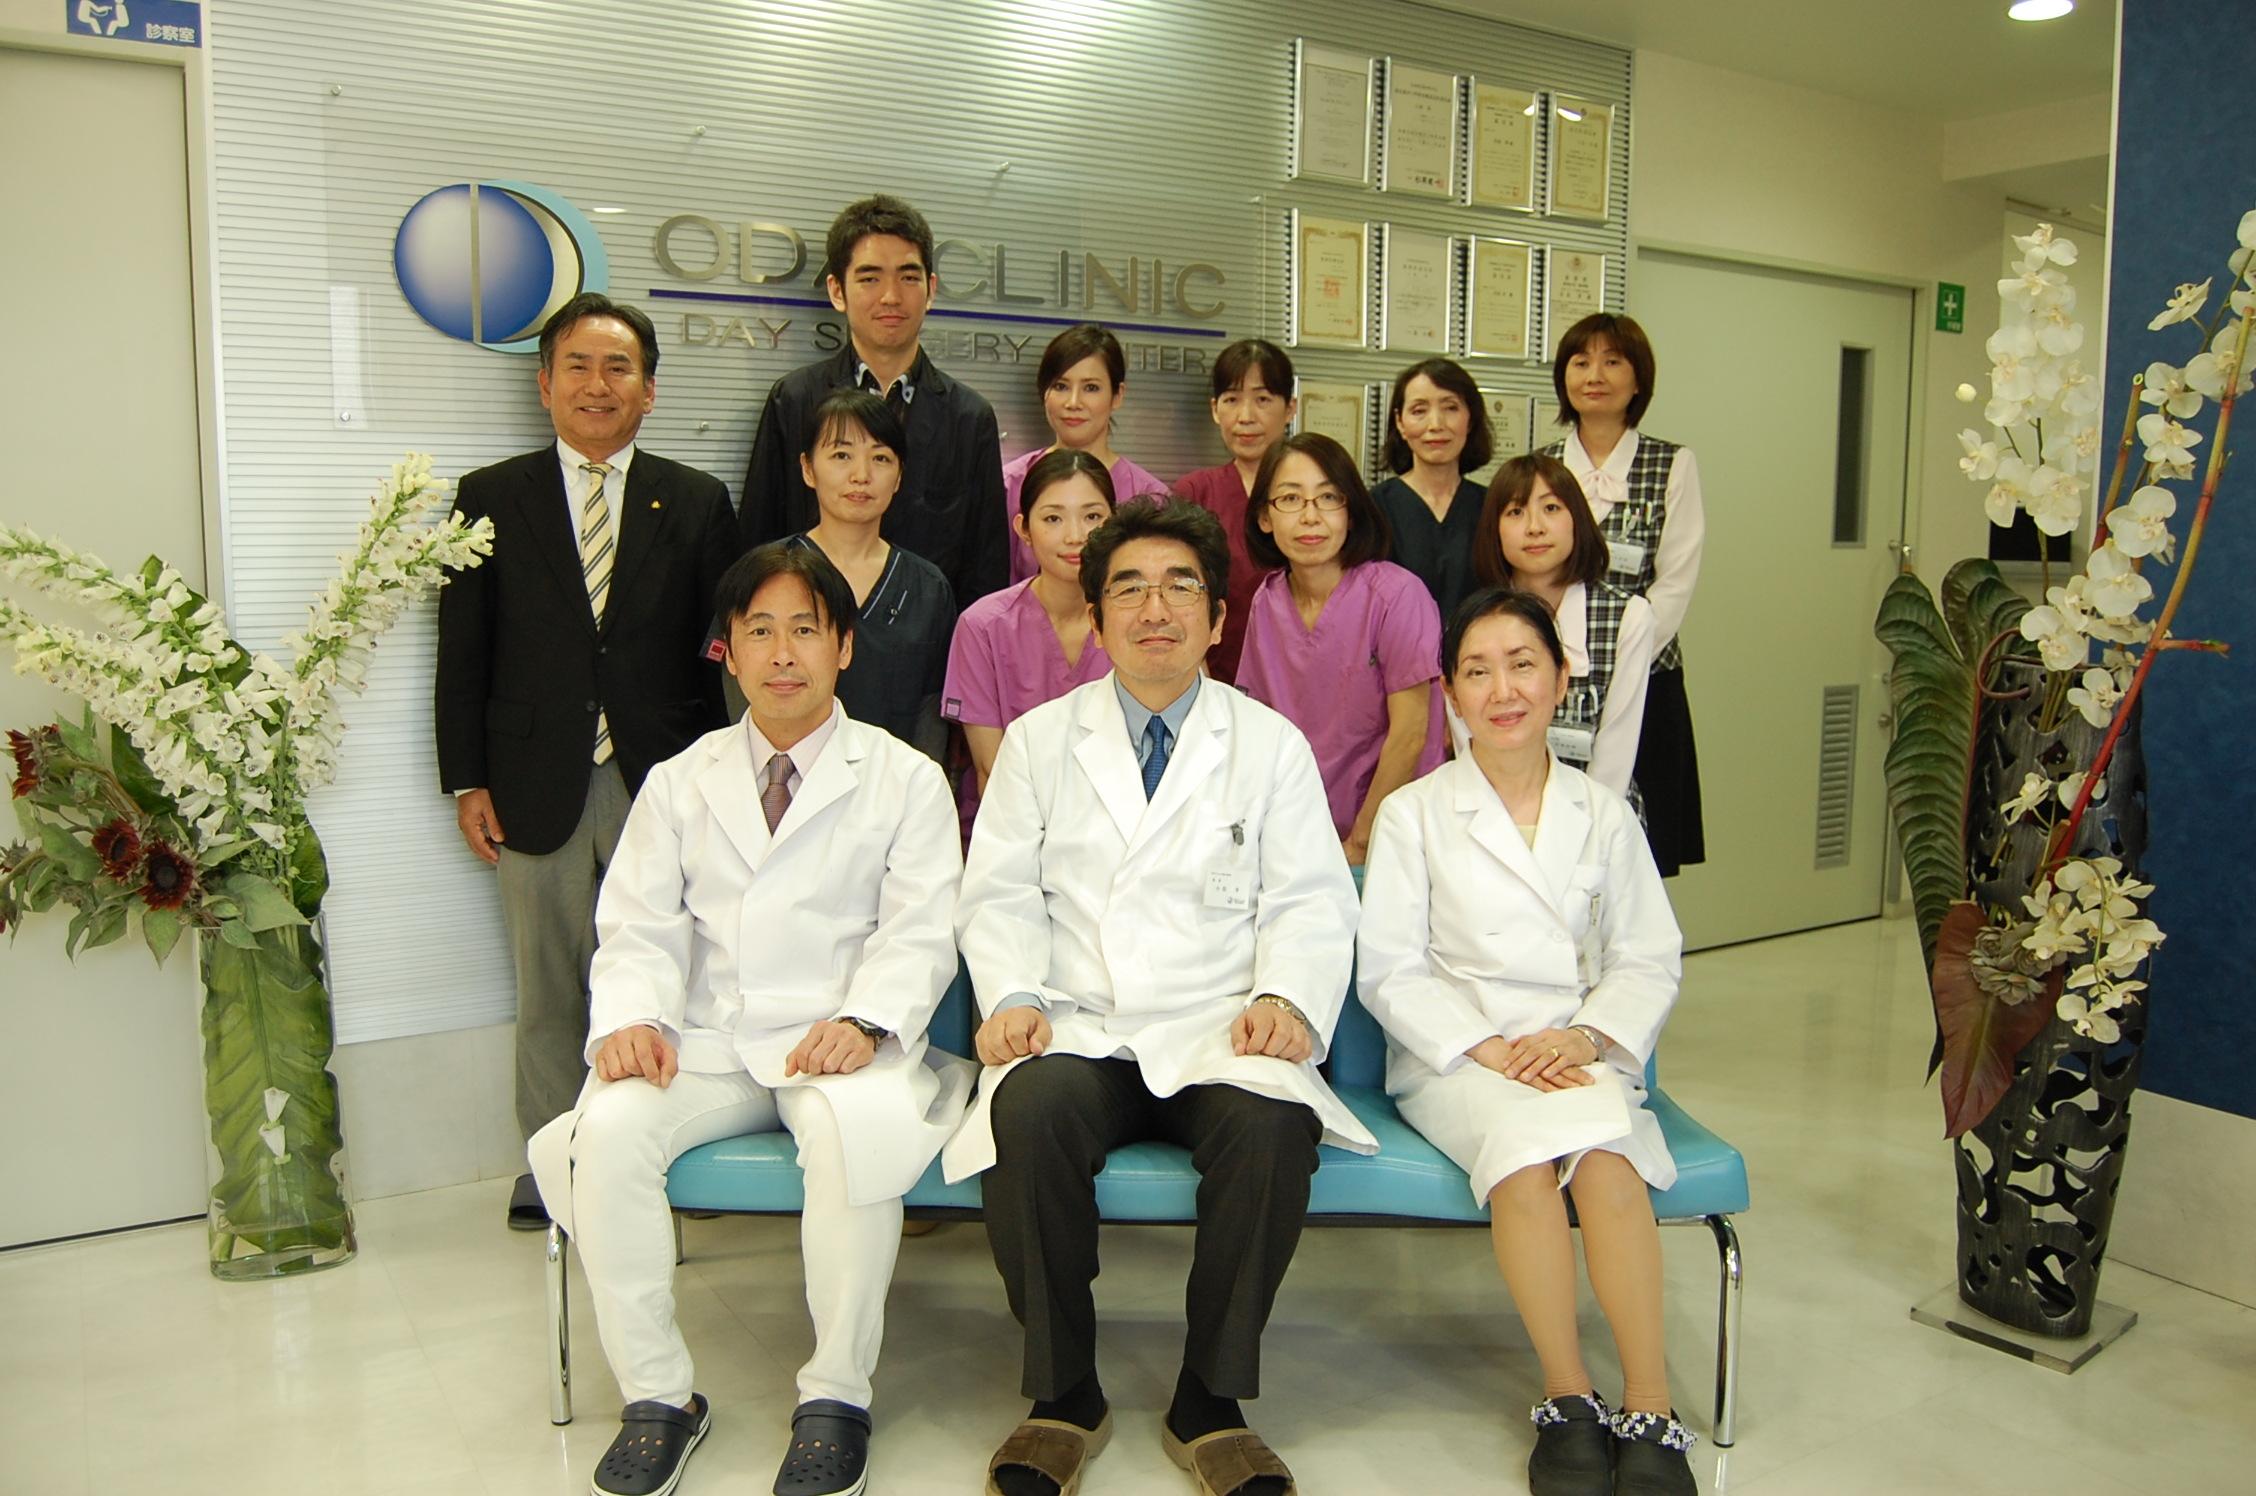 専任コーディネーターをはじめスタッフ一同が情報を共有し、一丸となったチーム医療を実践します。